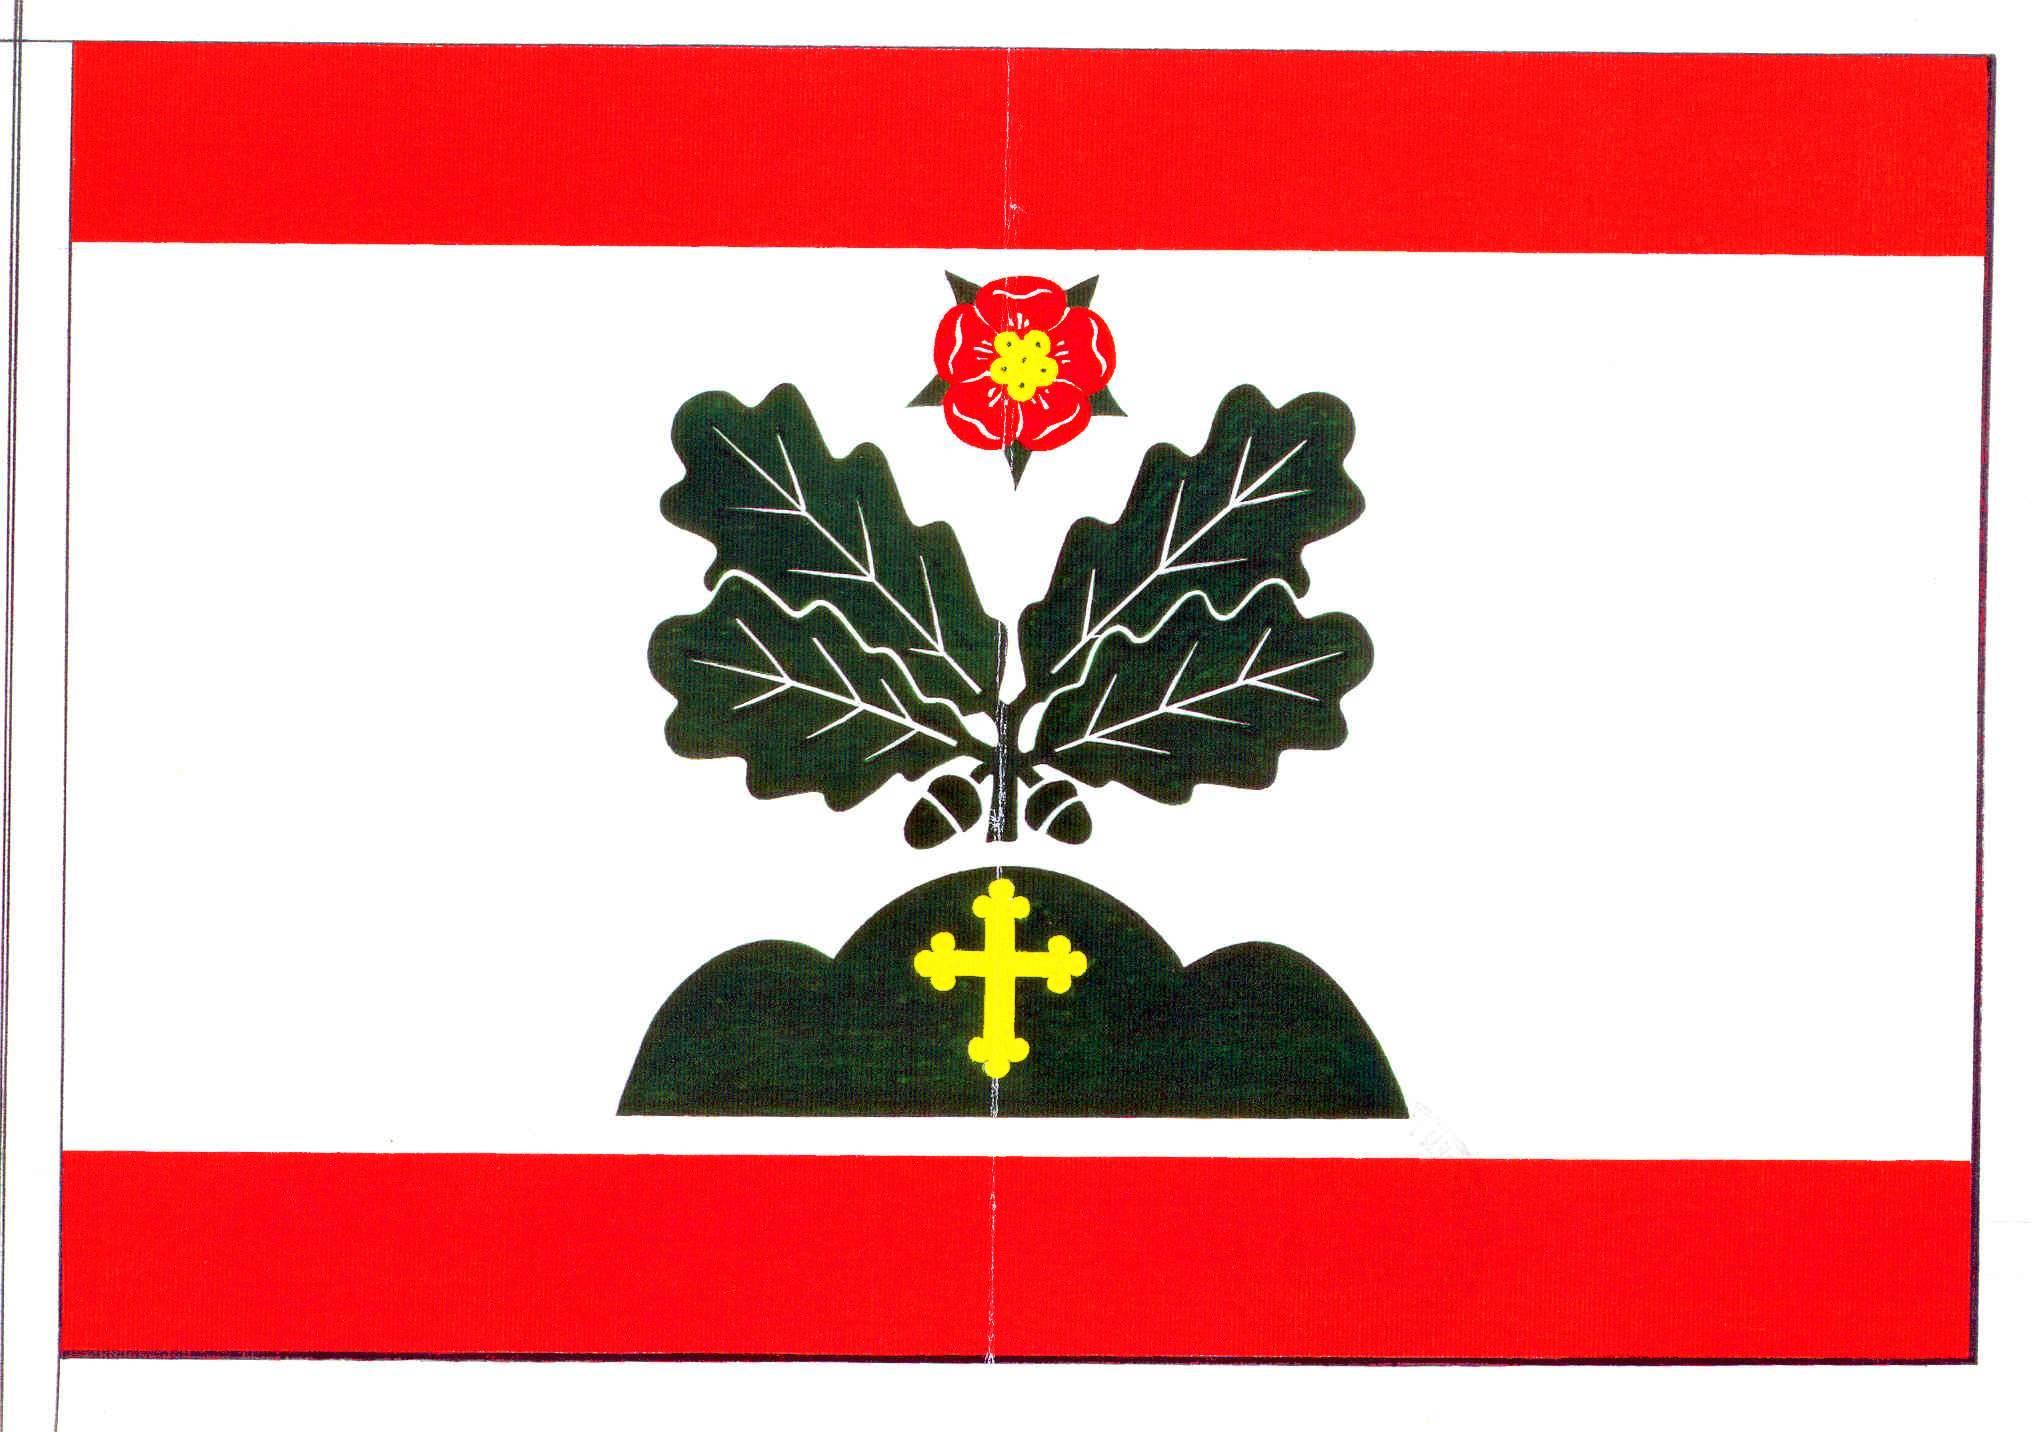 Flagge GemeindeSchönwalde, Kreis Ostholstein